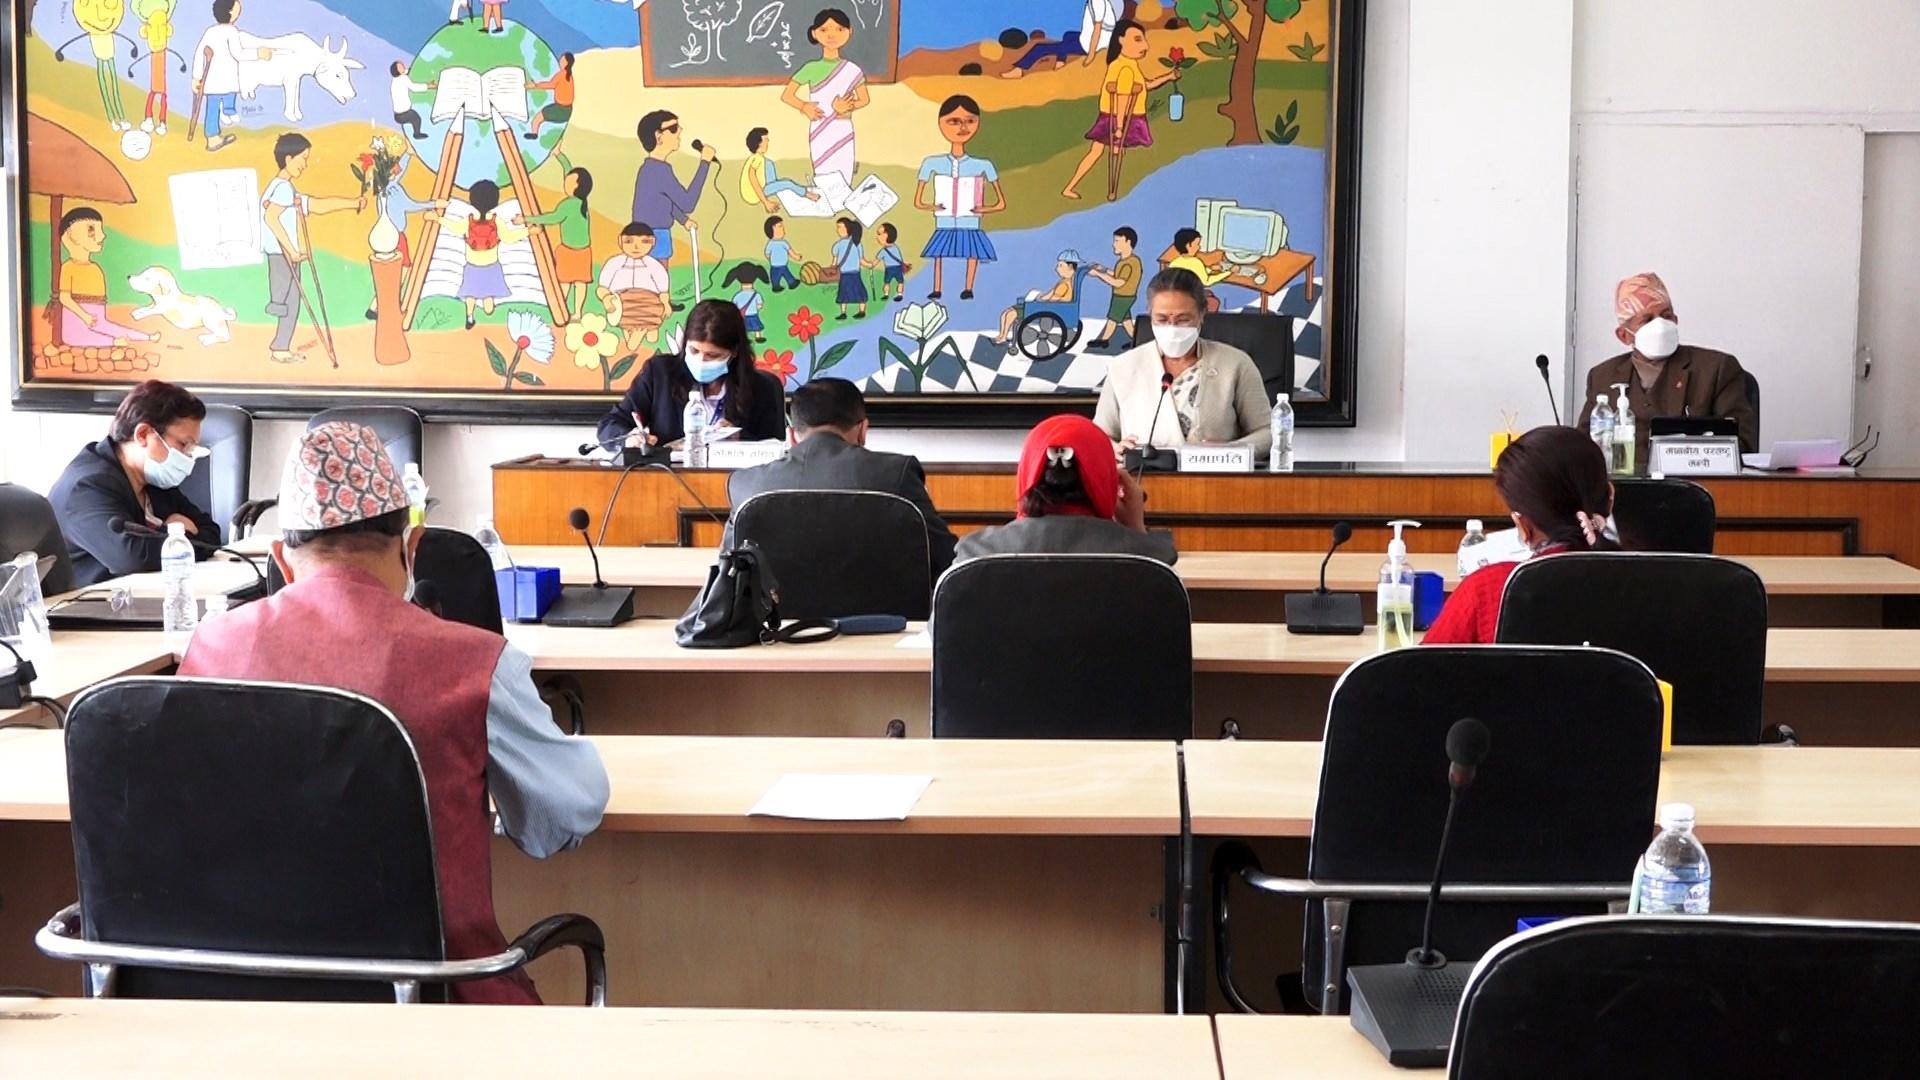 'नेपाल' मात्रै लेख्ने सरकारी निर्णयप्रति सांसदहरुले असहमति